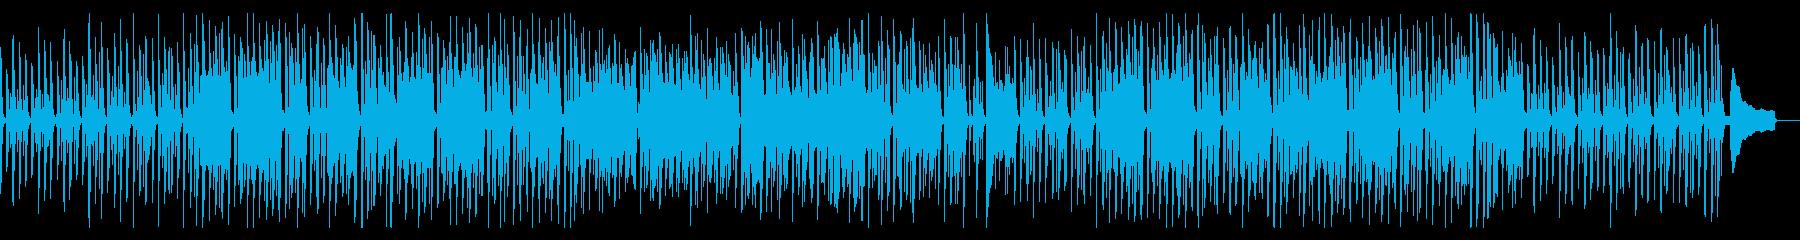 ほのぼのまったりした日常曲の再生済みの波形